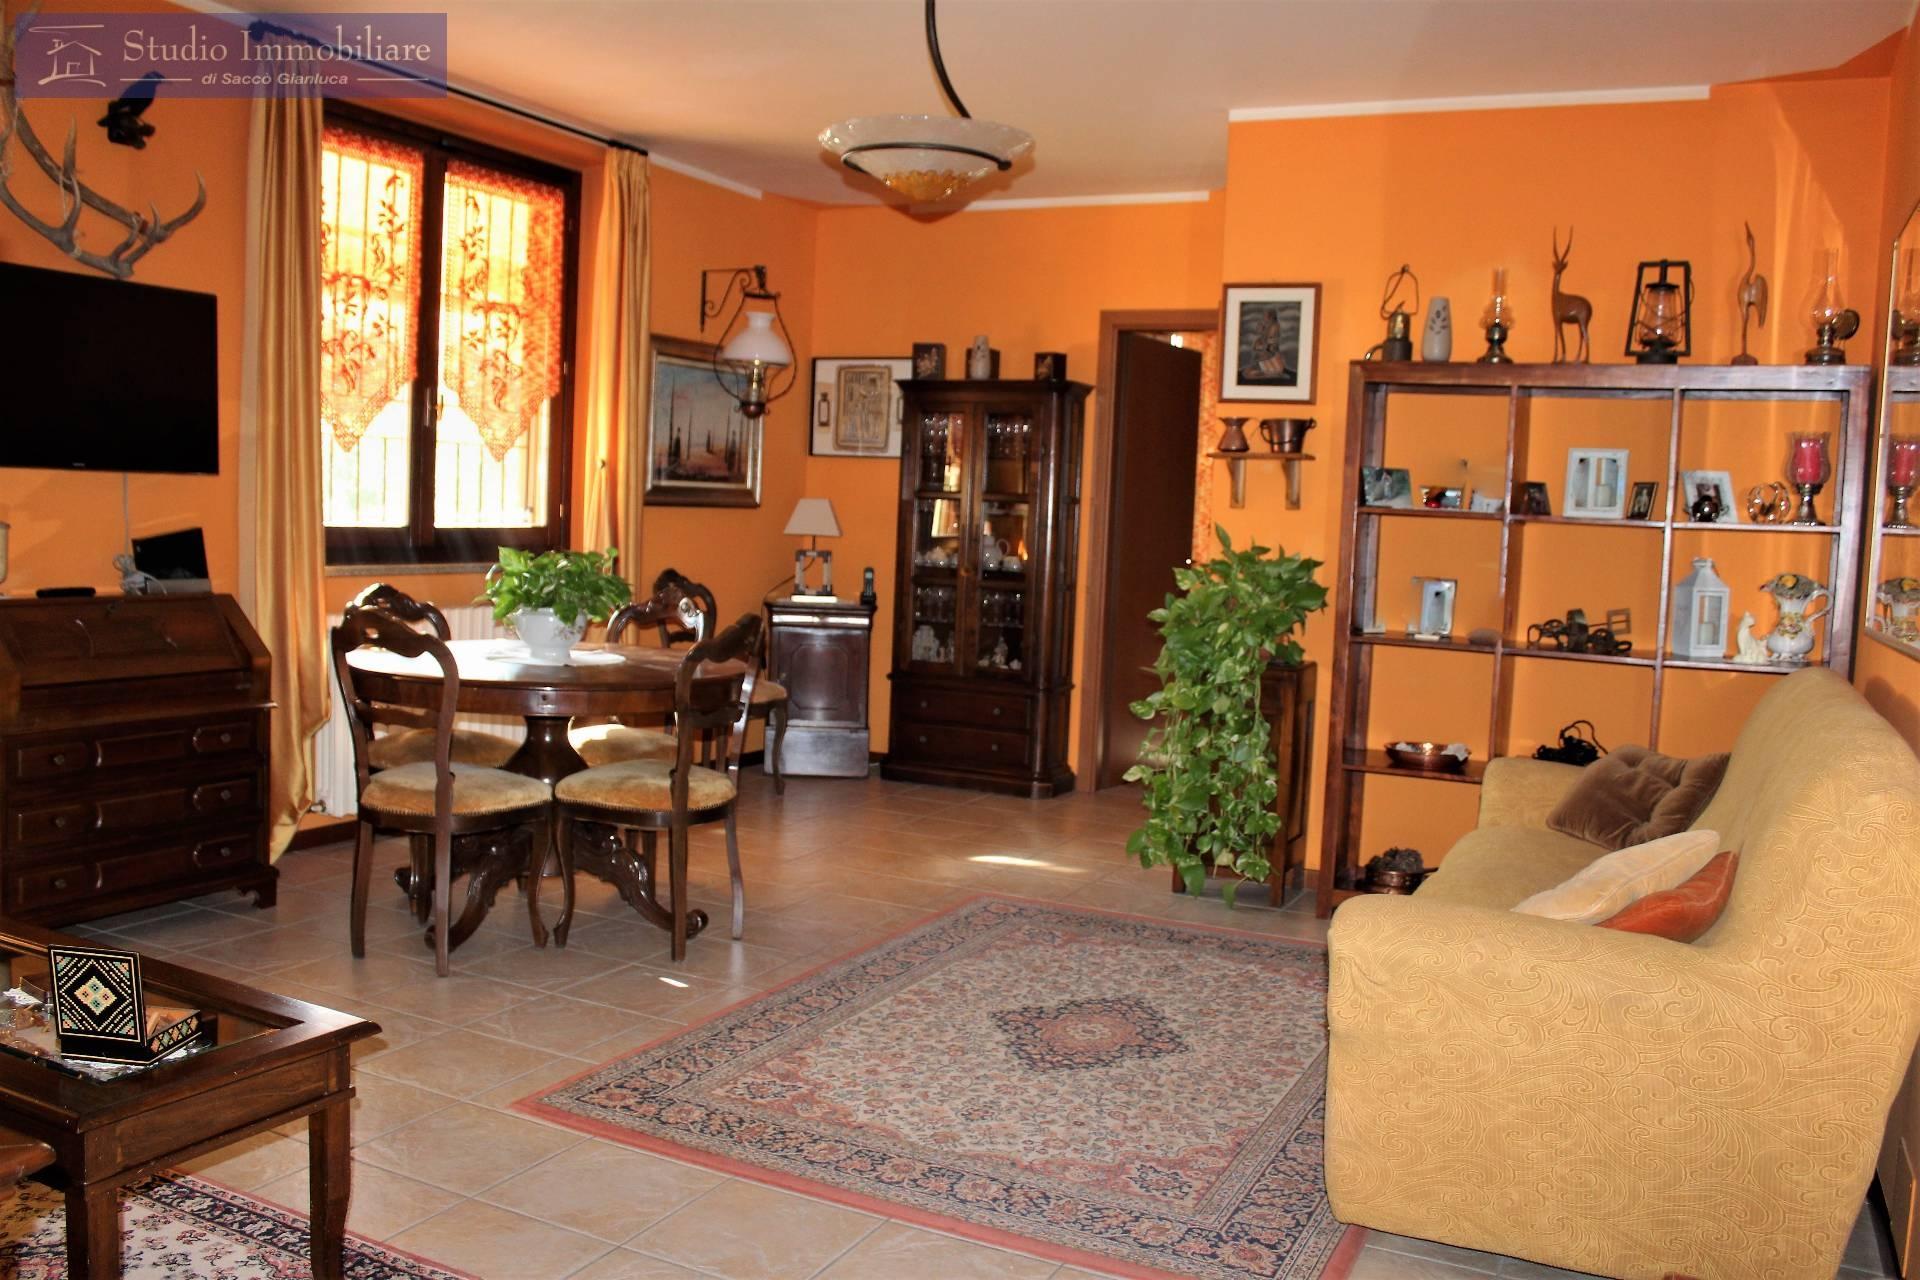 Appartamento in vendita a Bressana Bottarone, 2 locali, zona Località: Argine, prezzo € 88.000   CambioCasa.it